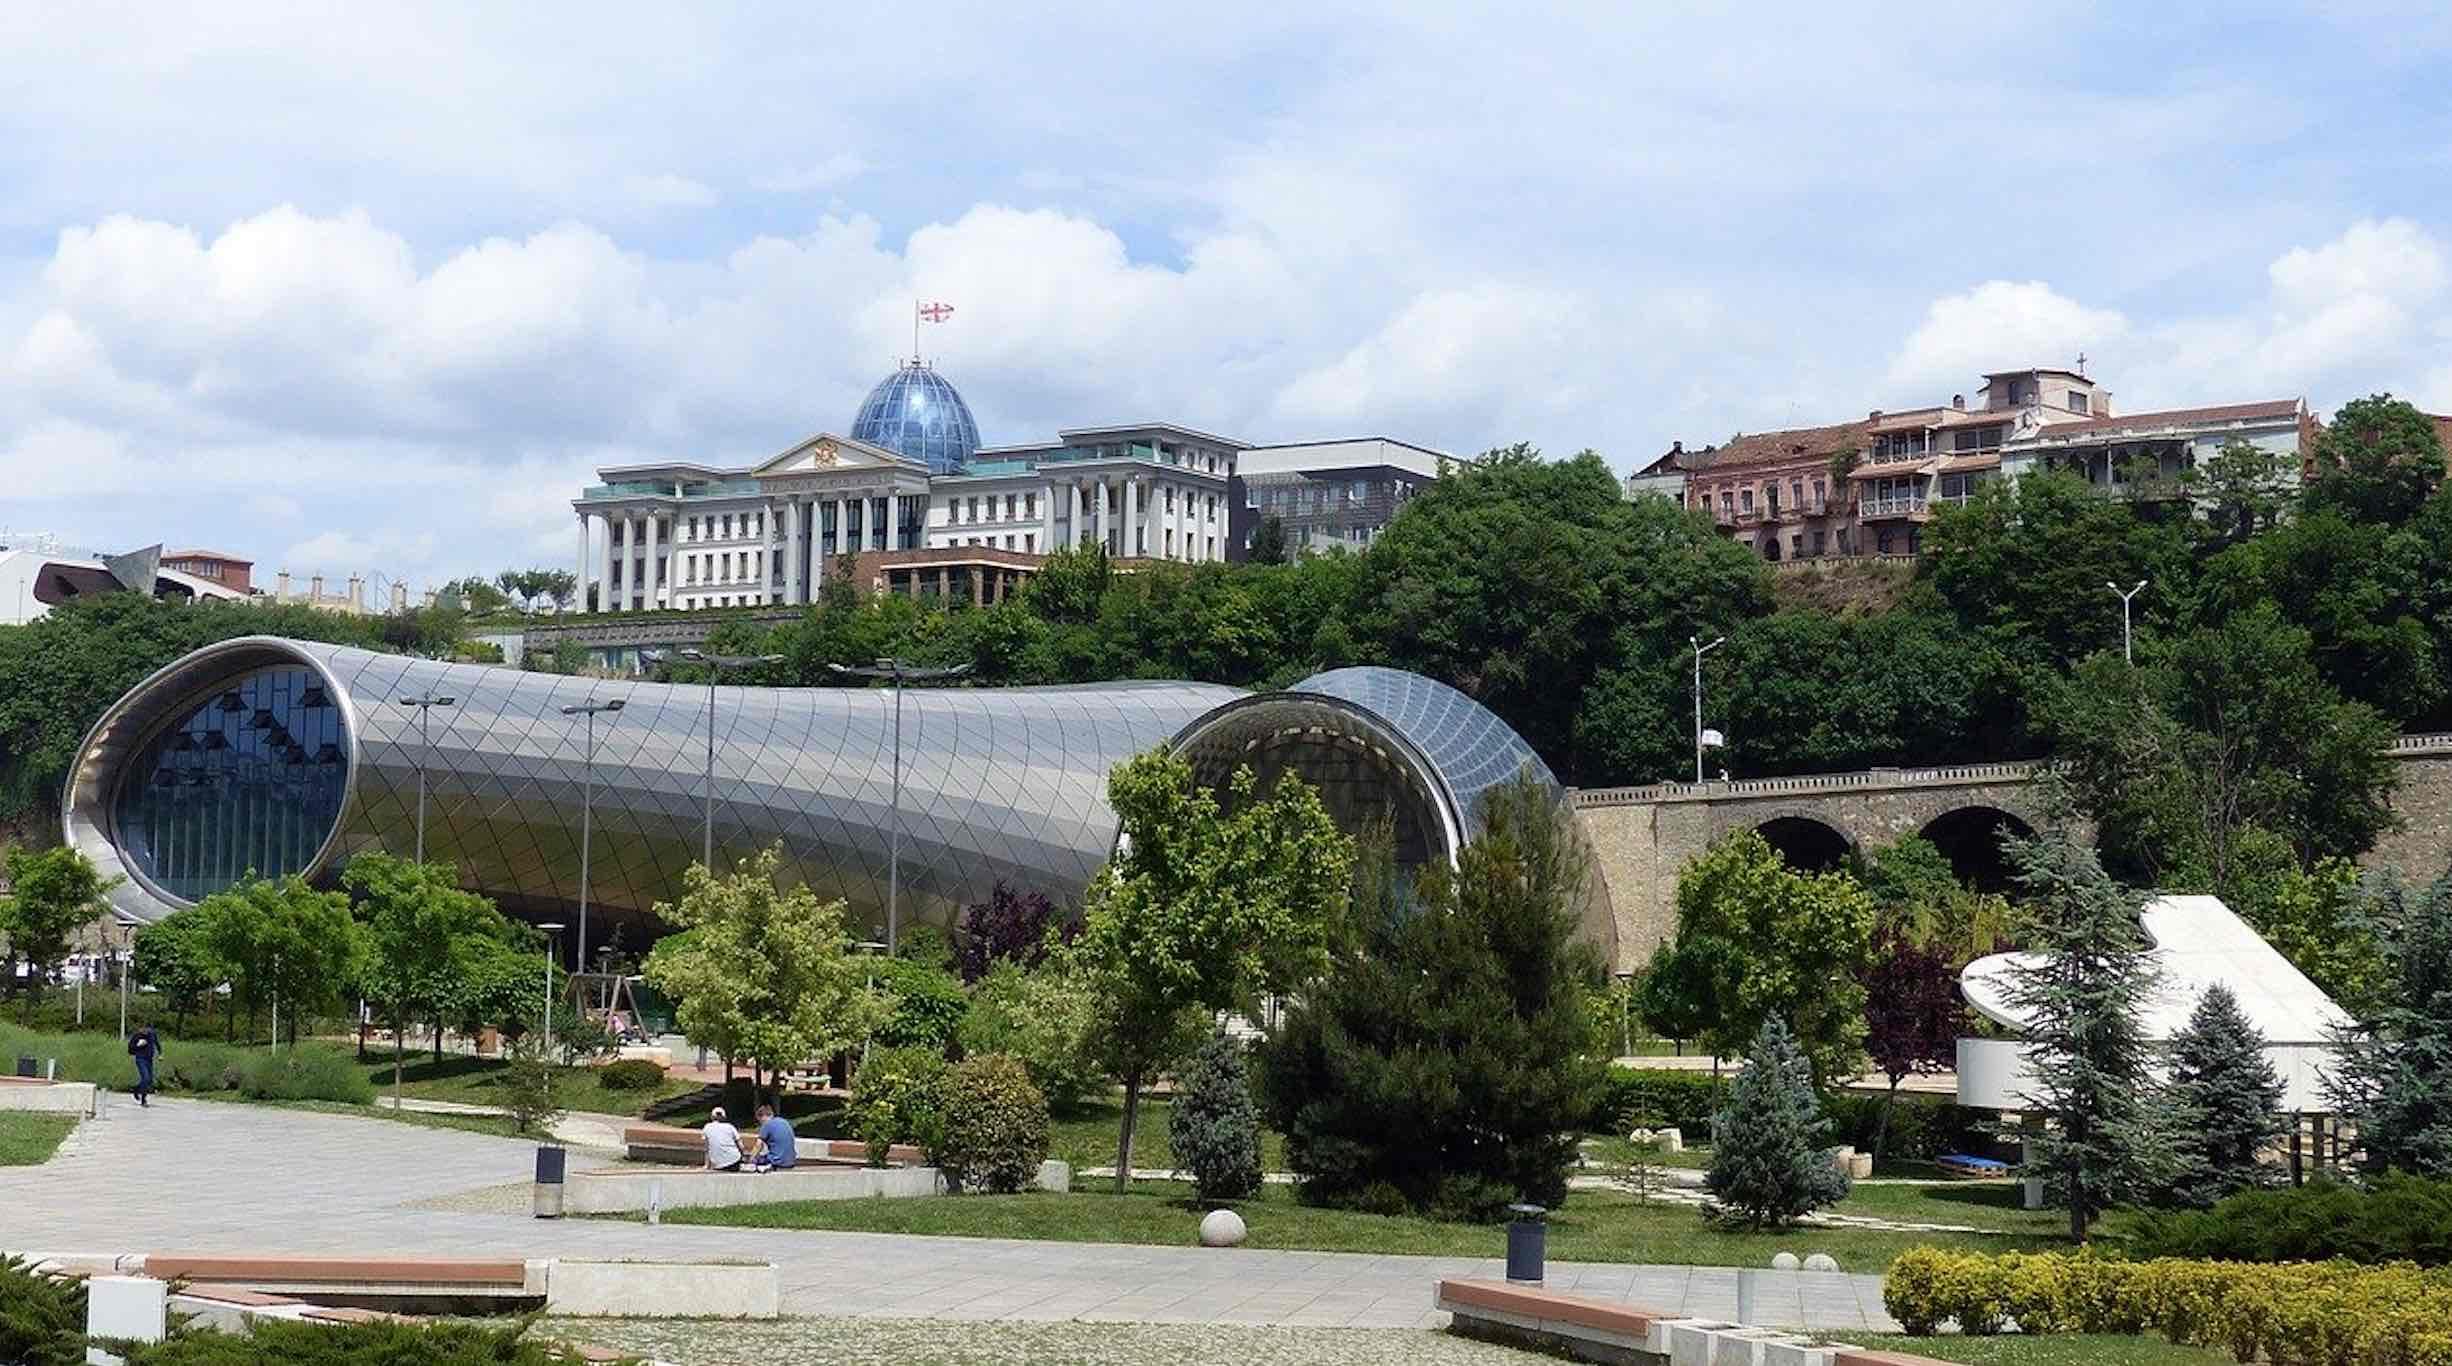 Auditorio Rike de Tbilisi